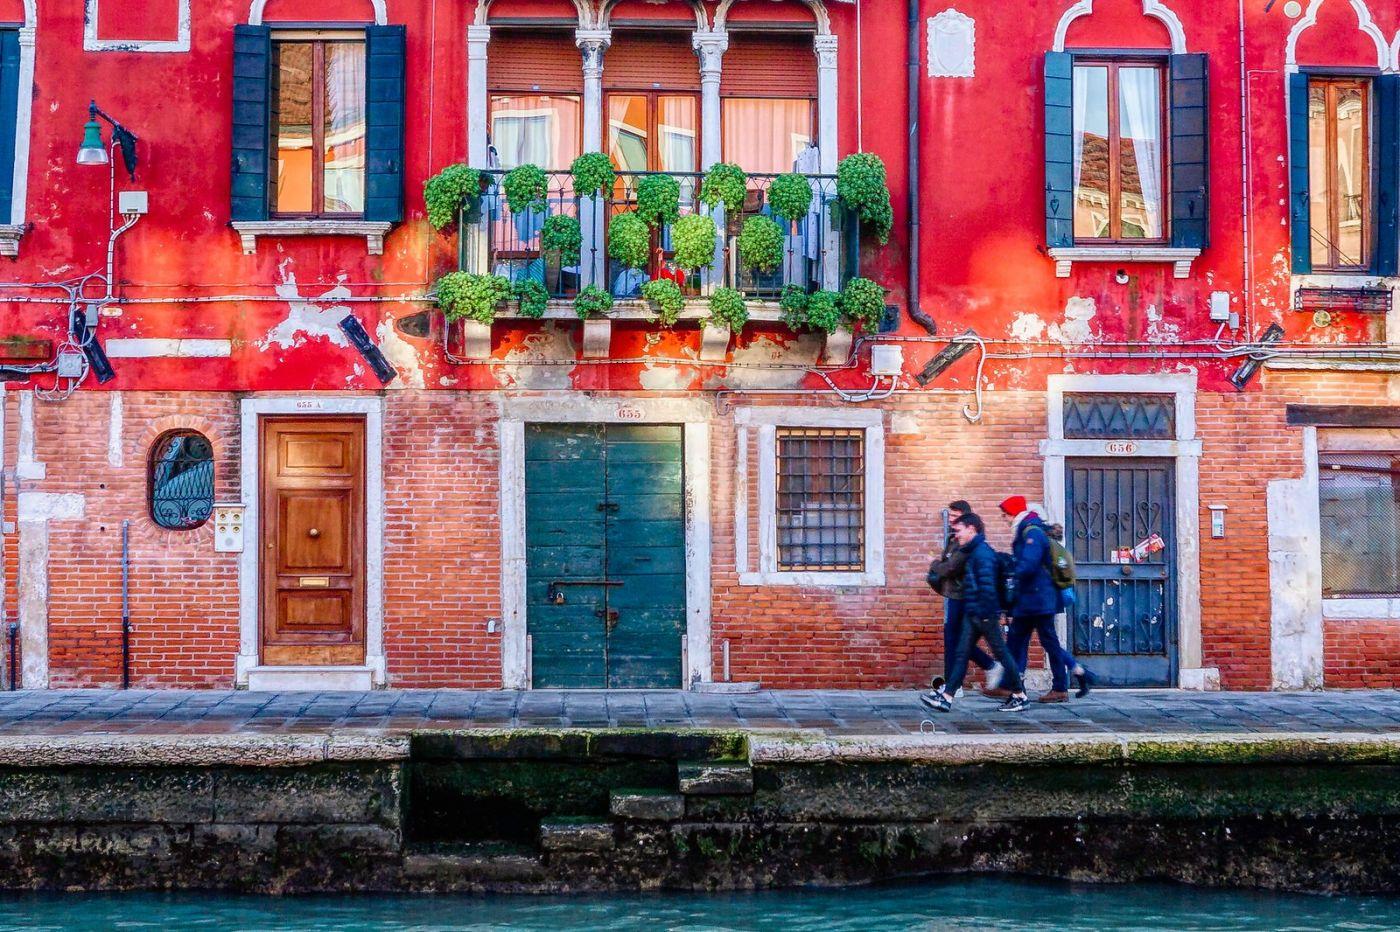 意大利威尼斯,水边建筑_图1-10